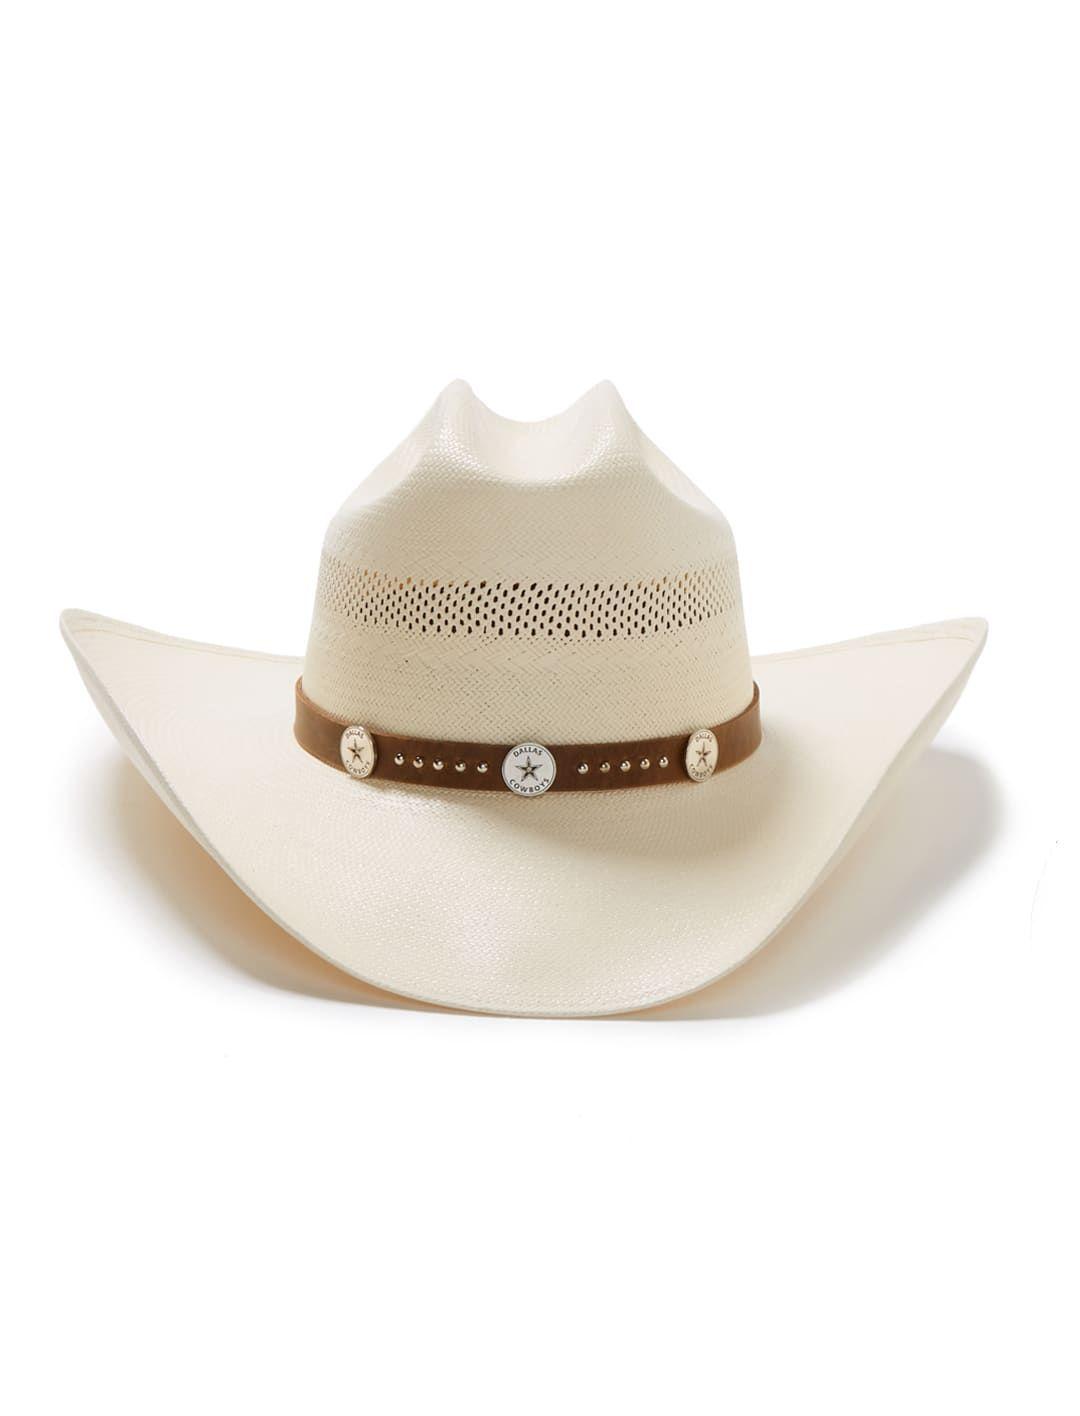 Stetson Dallas Cowboys Trail Rider 10X Straw Cowboy Hat Item SSTRRD-304281 d52f0bd84fff